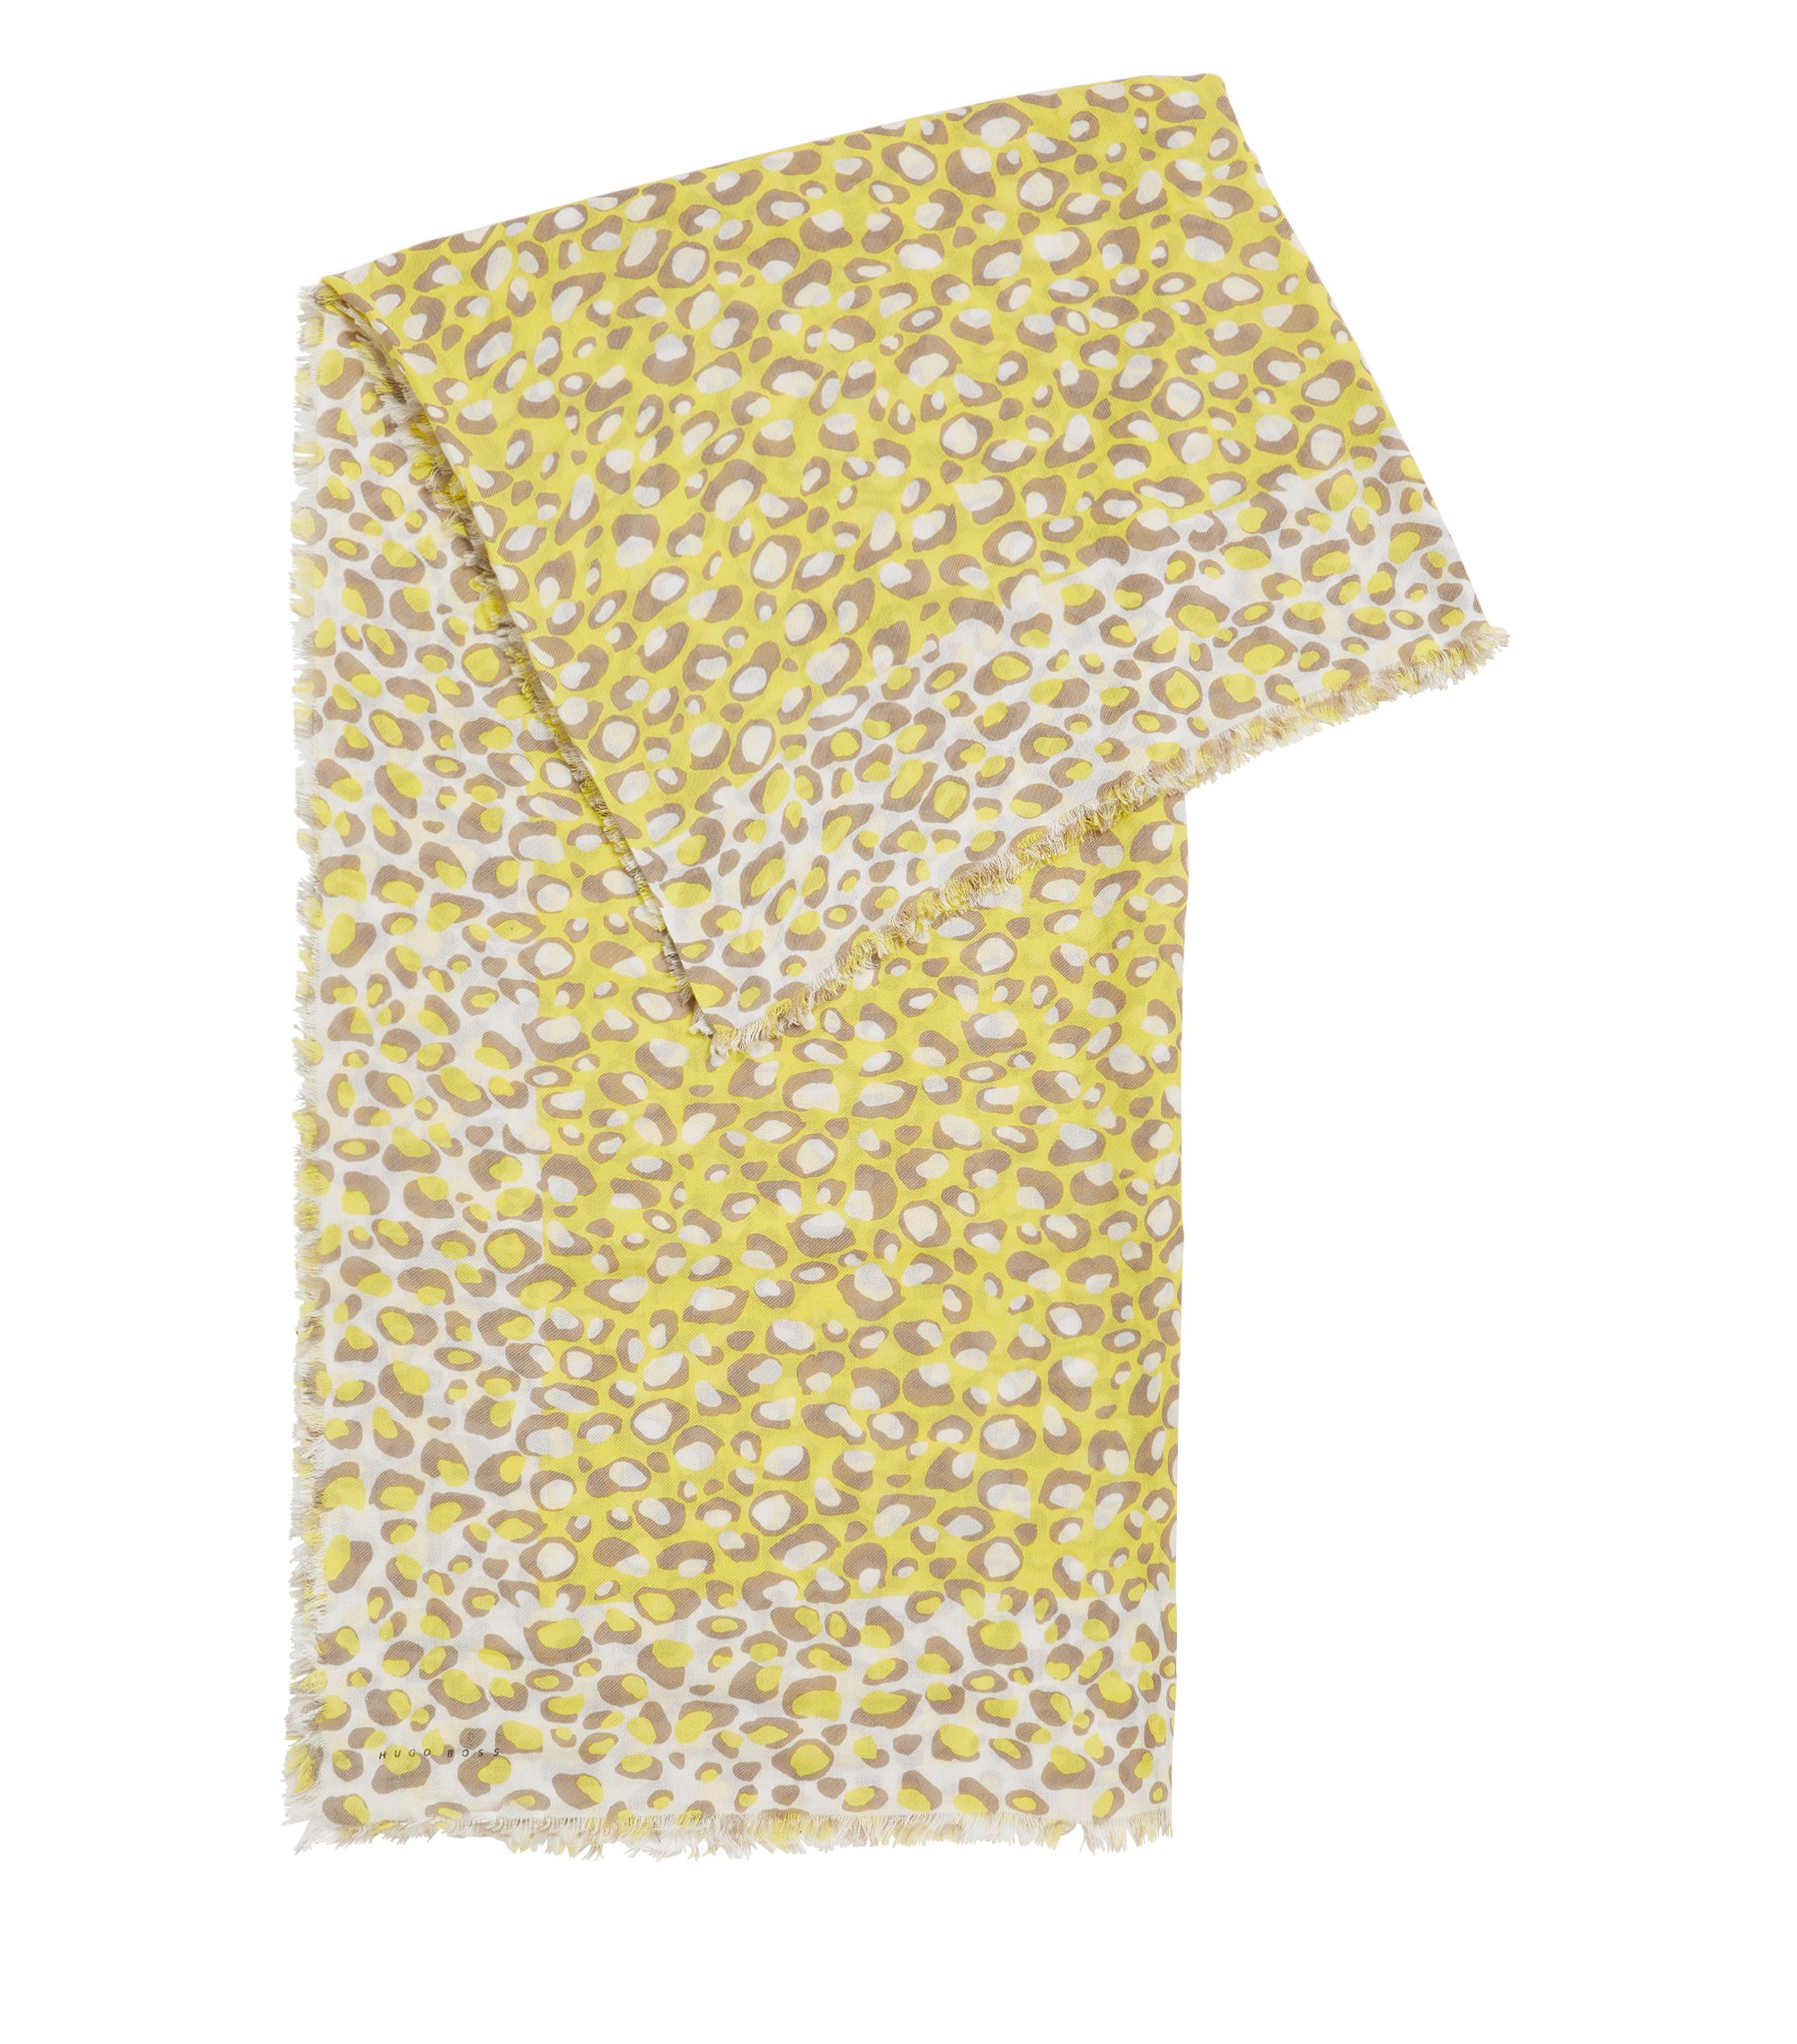 Rechthoekige sjaal met opvallende giraffeprint, Bedrukt